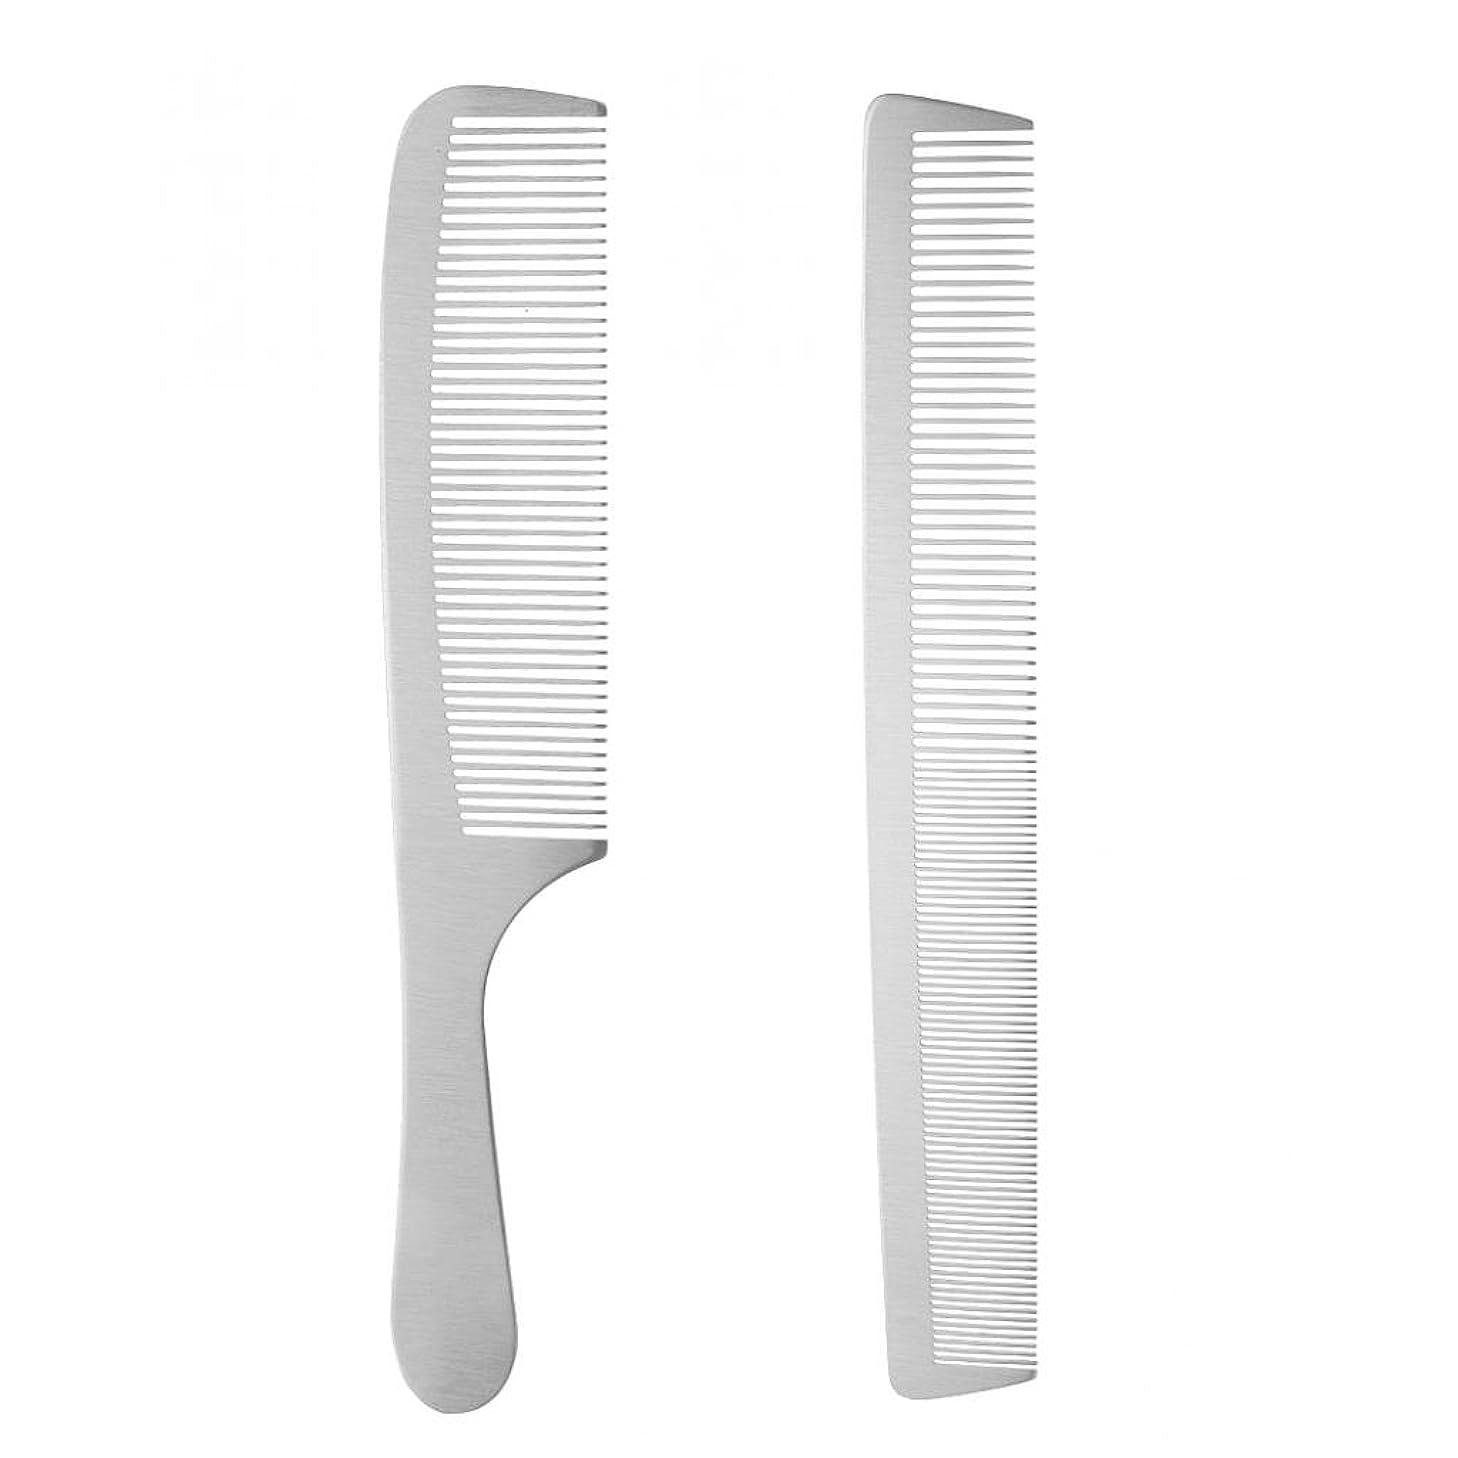 想起限界対称T TOOYFUL 2倍のステンレス鋼サロンの理髪師ヘアスタイリングヘアカットカッティングヘアブラシ